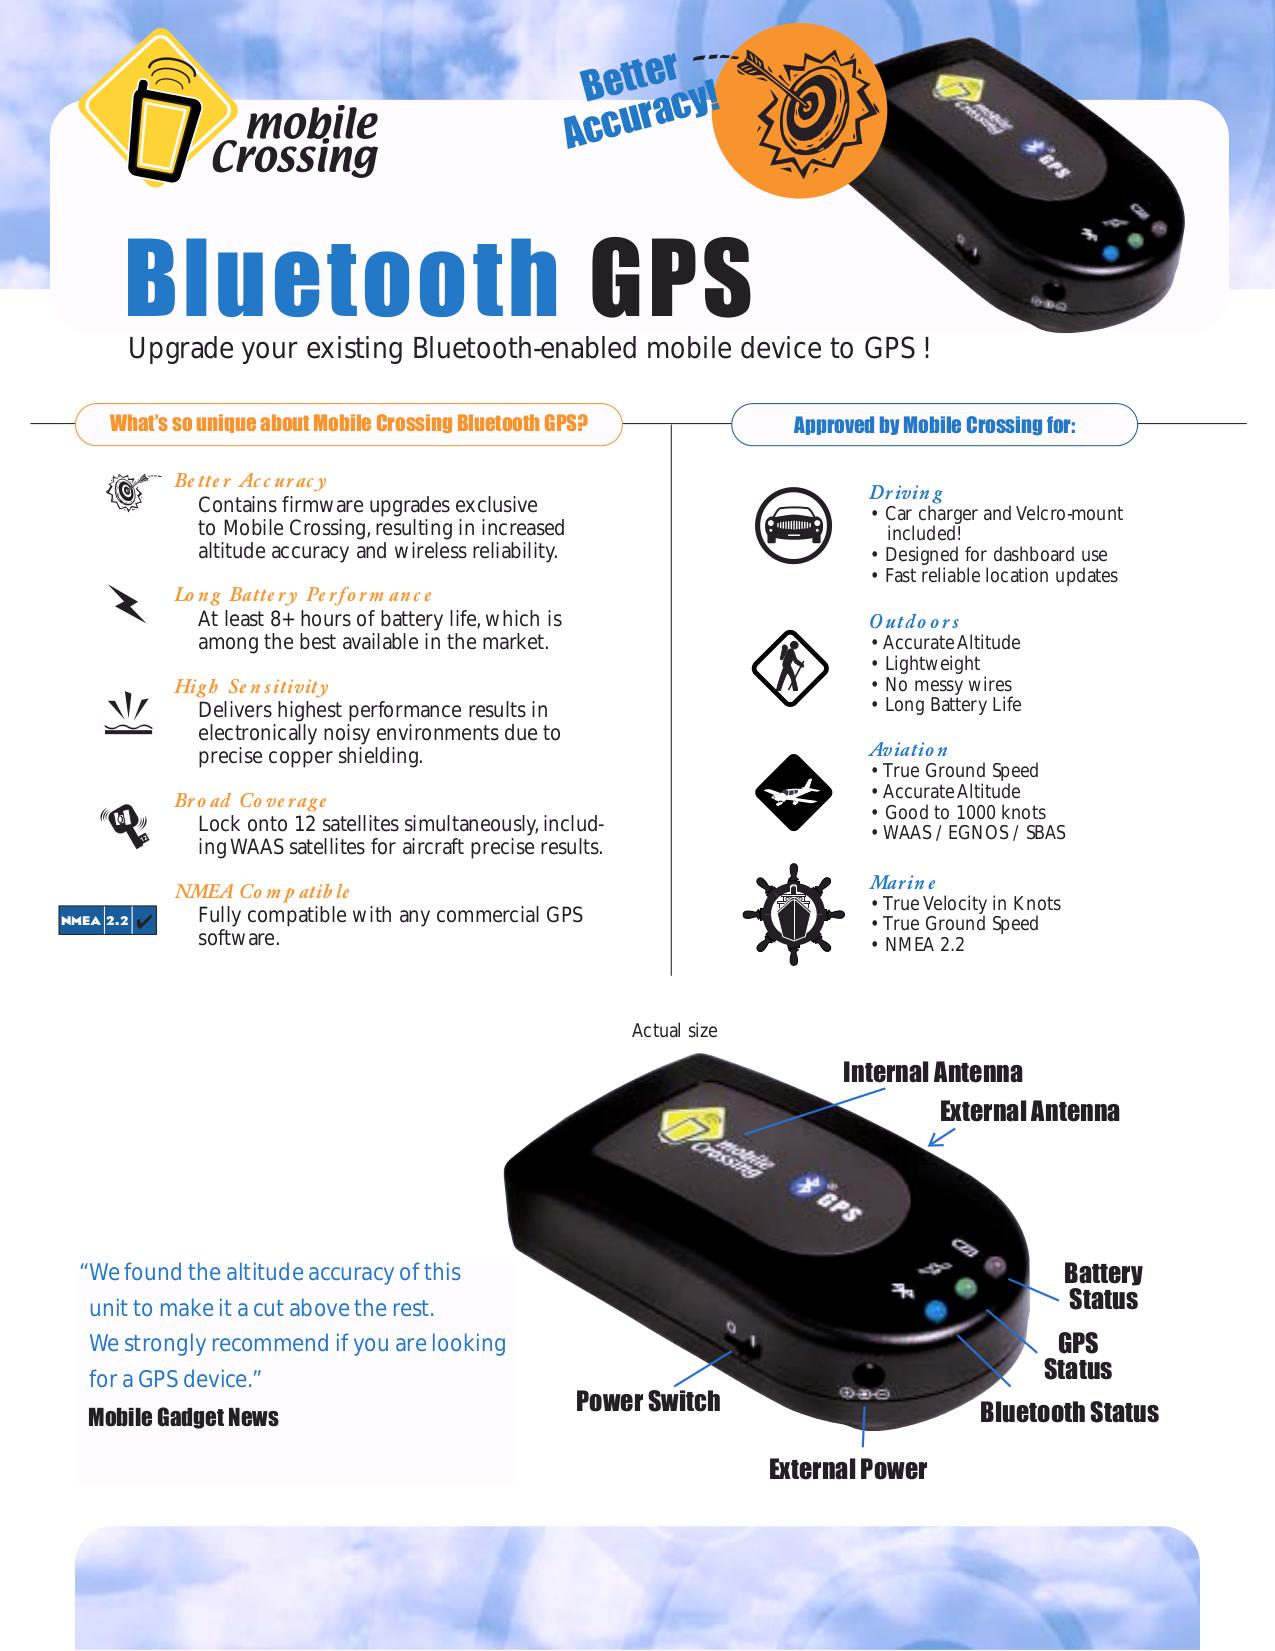 pdf for Intellinav GPS Intellinav 2 manual